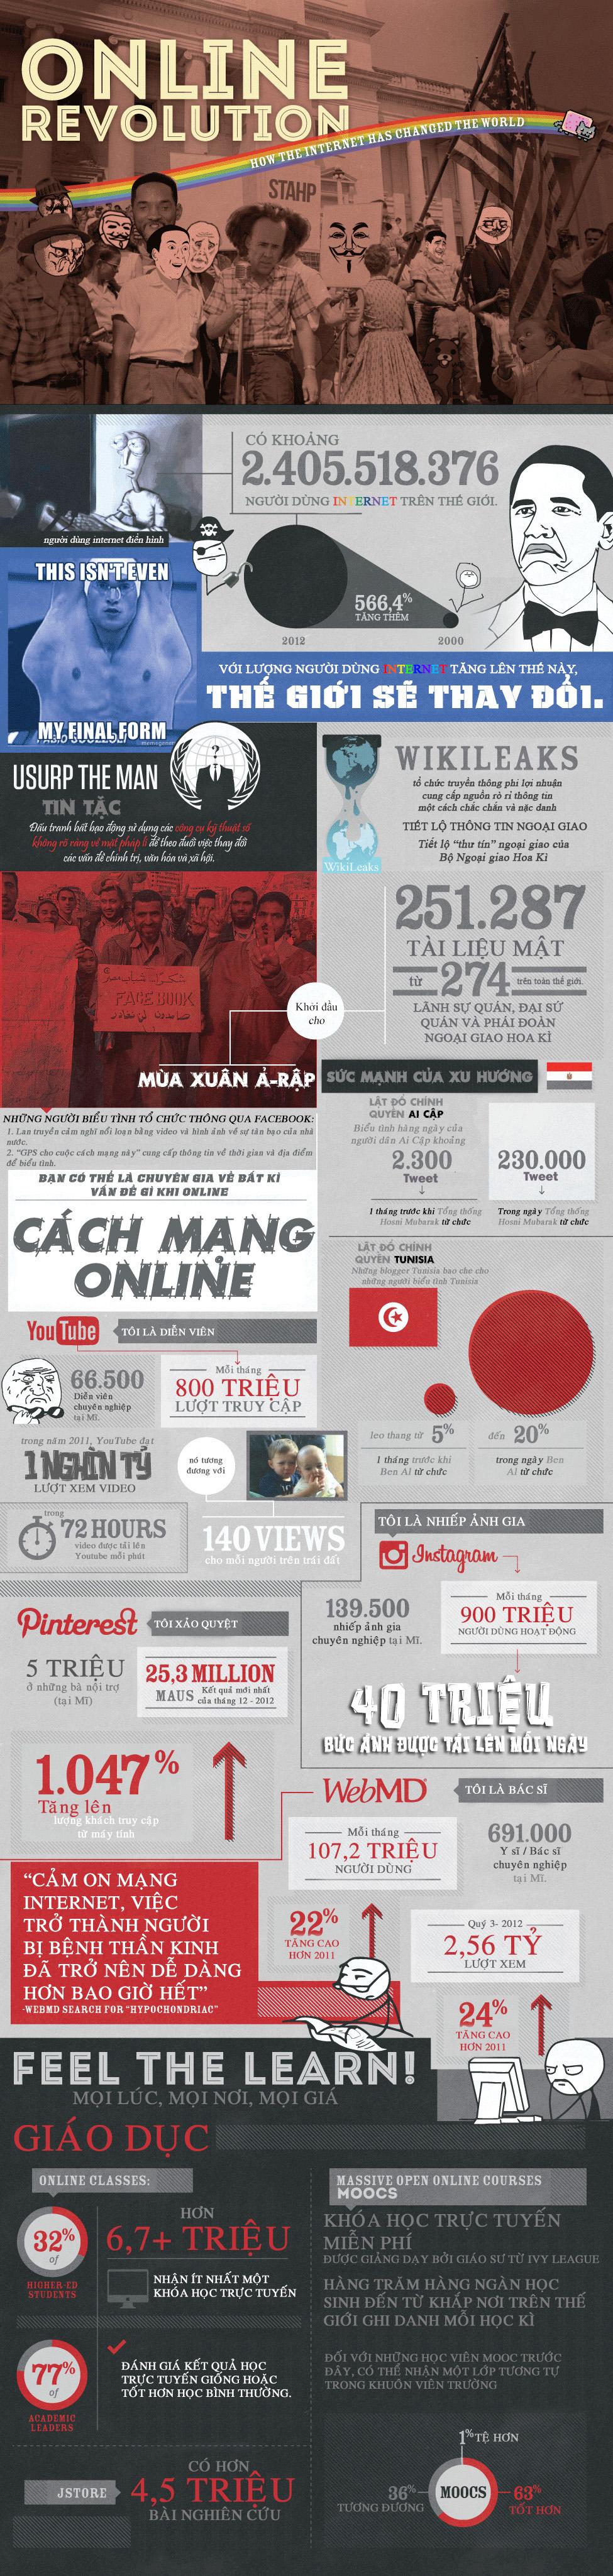 Infographic - Internet đã thay đổi cuộc sống chúng ta như thế nào?